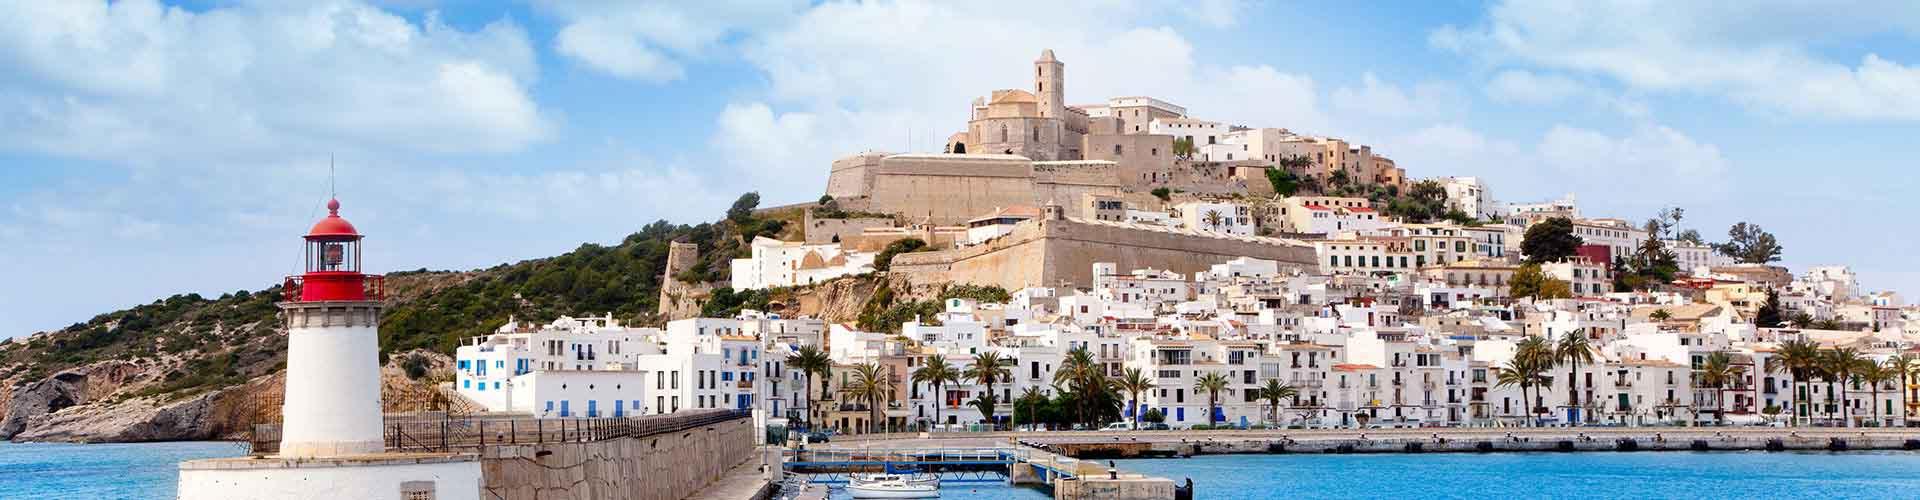 Ibiza - Campamentos en Ibiza. Mapas de Ibiza, Fotos y comentarios de cada Campamento en Ibiza.